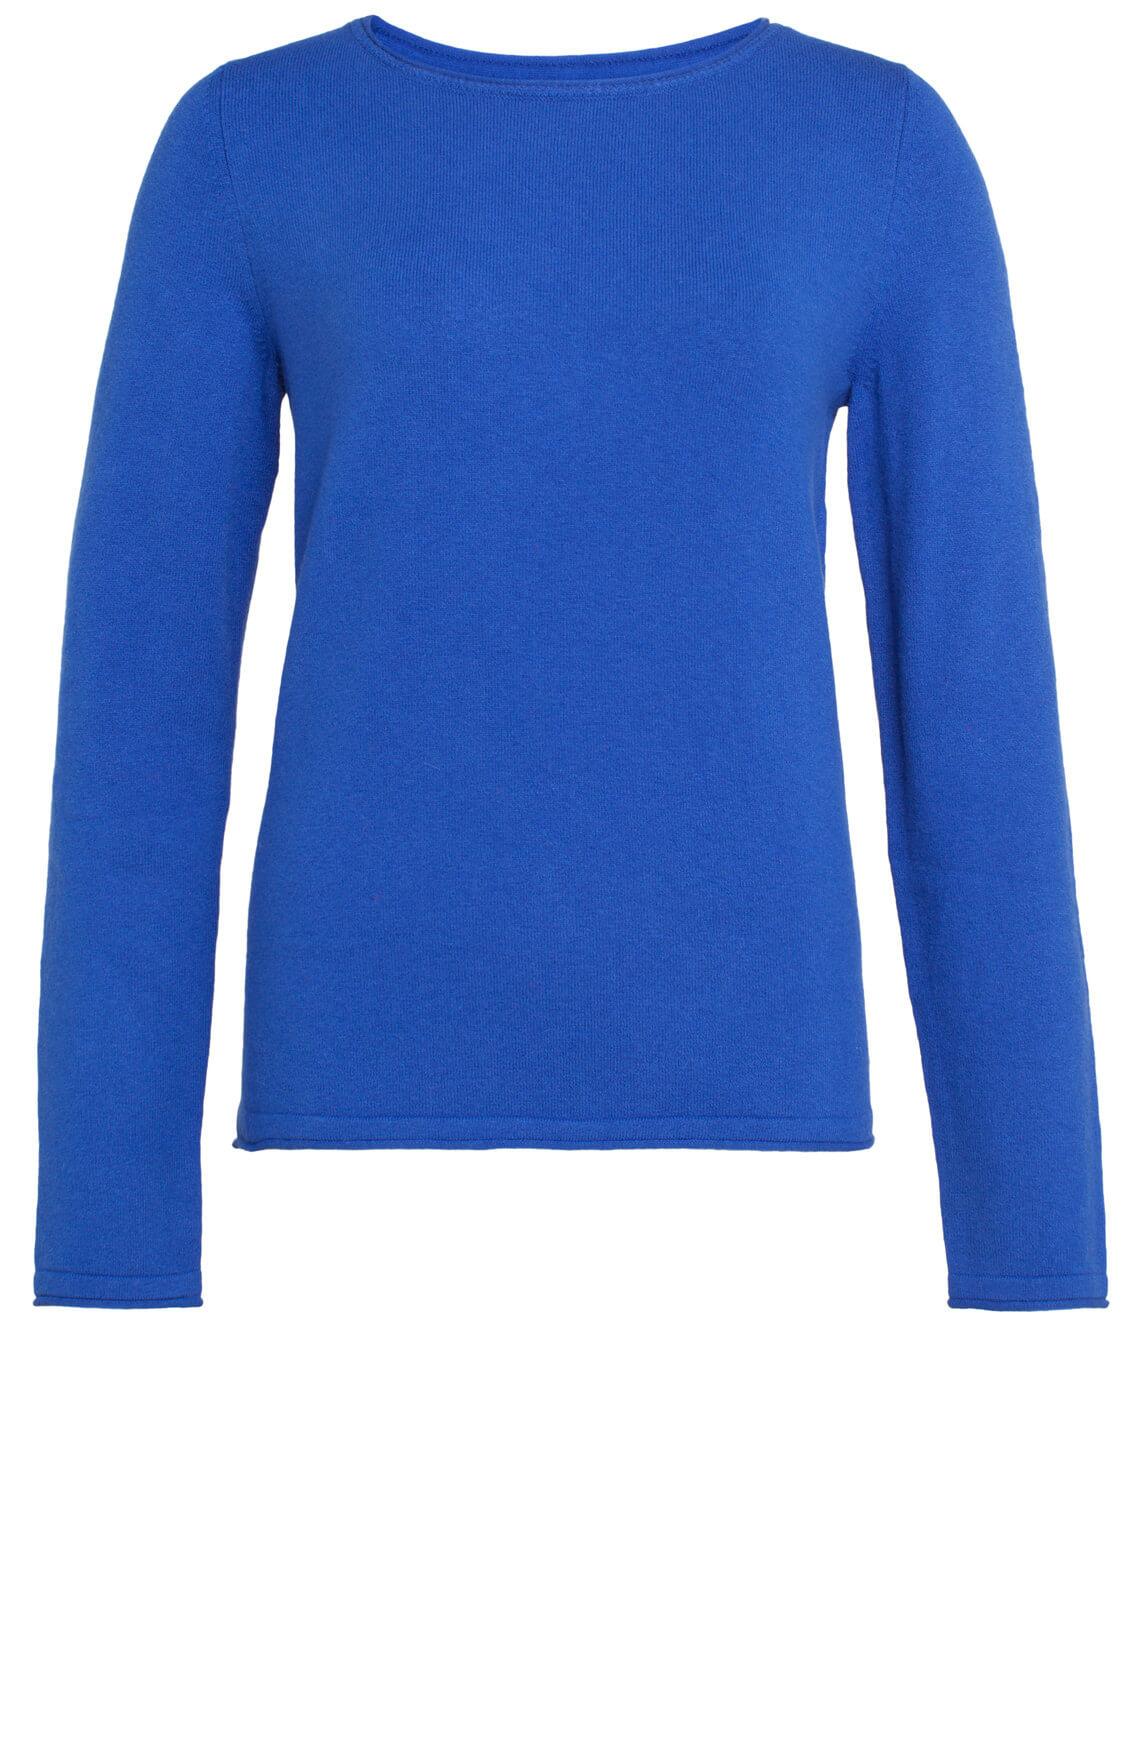 Marc O'Polo Dames Pullover cobalt Blauw